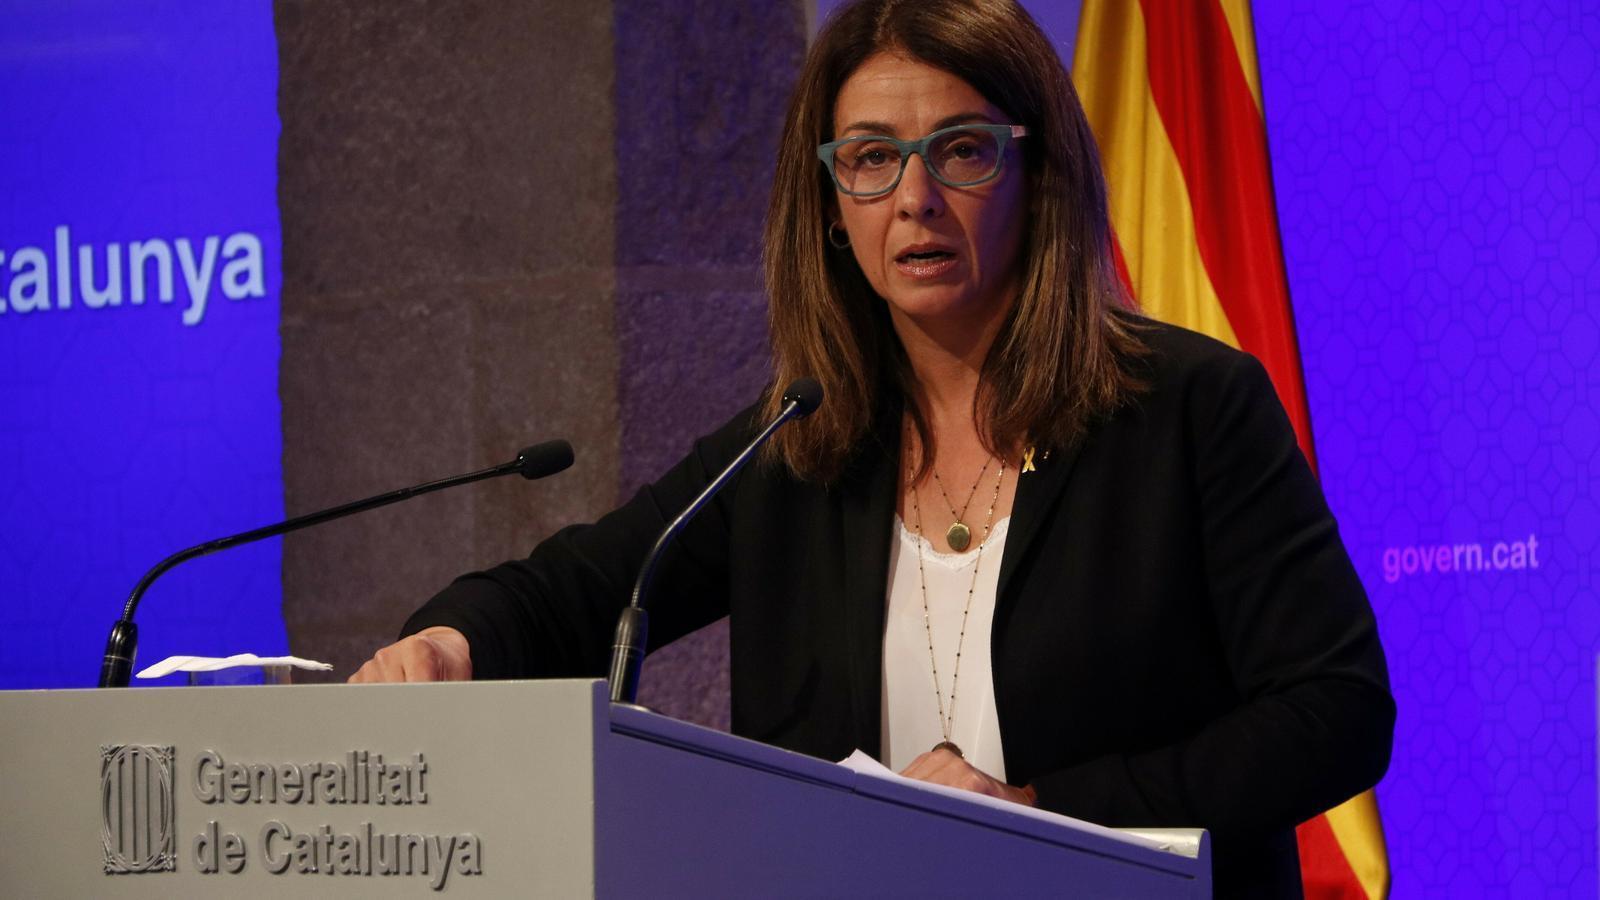 La Generalitat aprueba la segunda parte del plan de contingencia presupuestaria